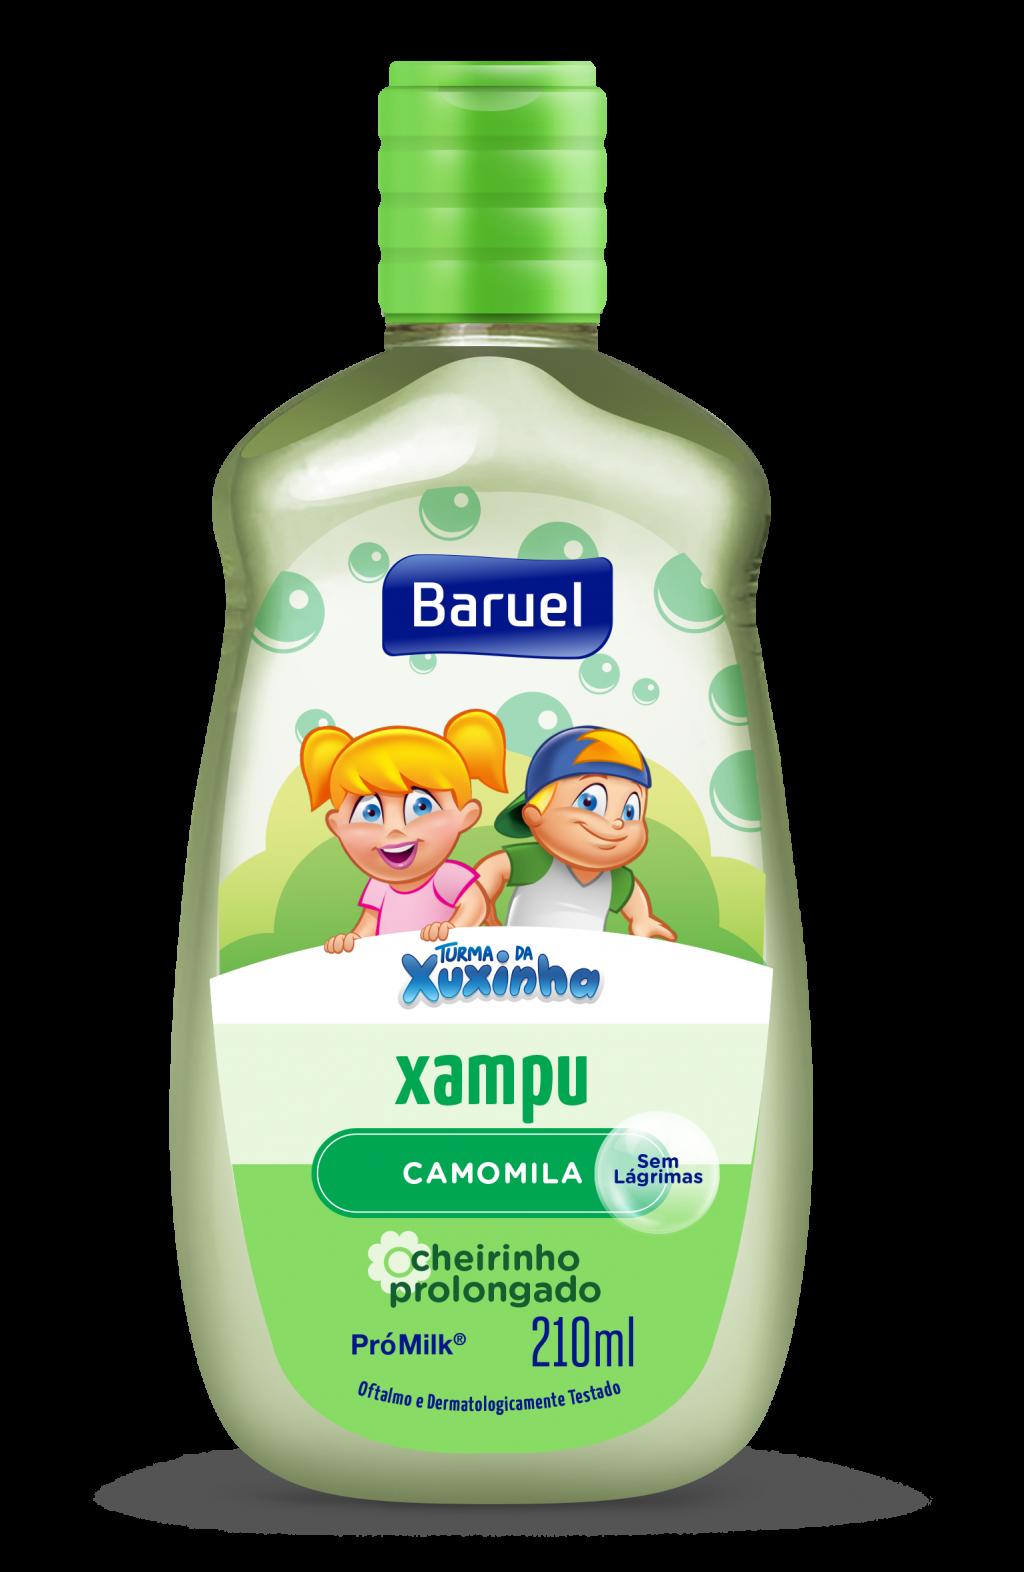 XAMPU CAMOMILA